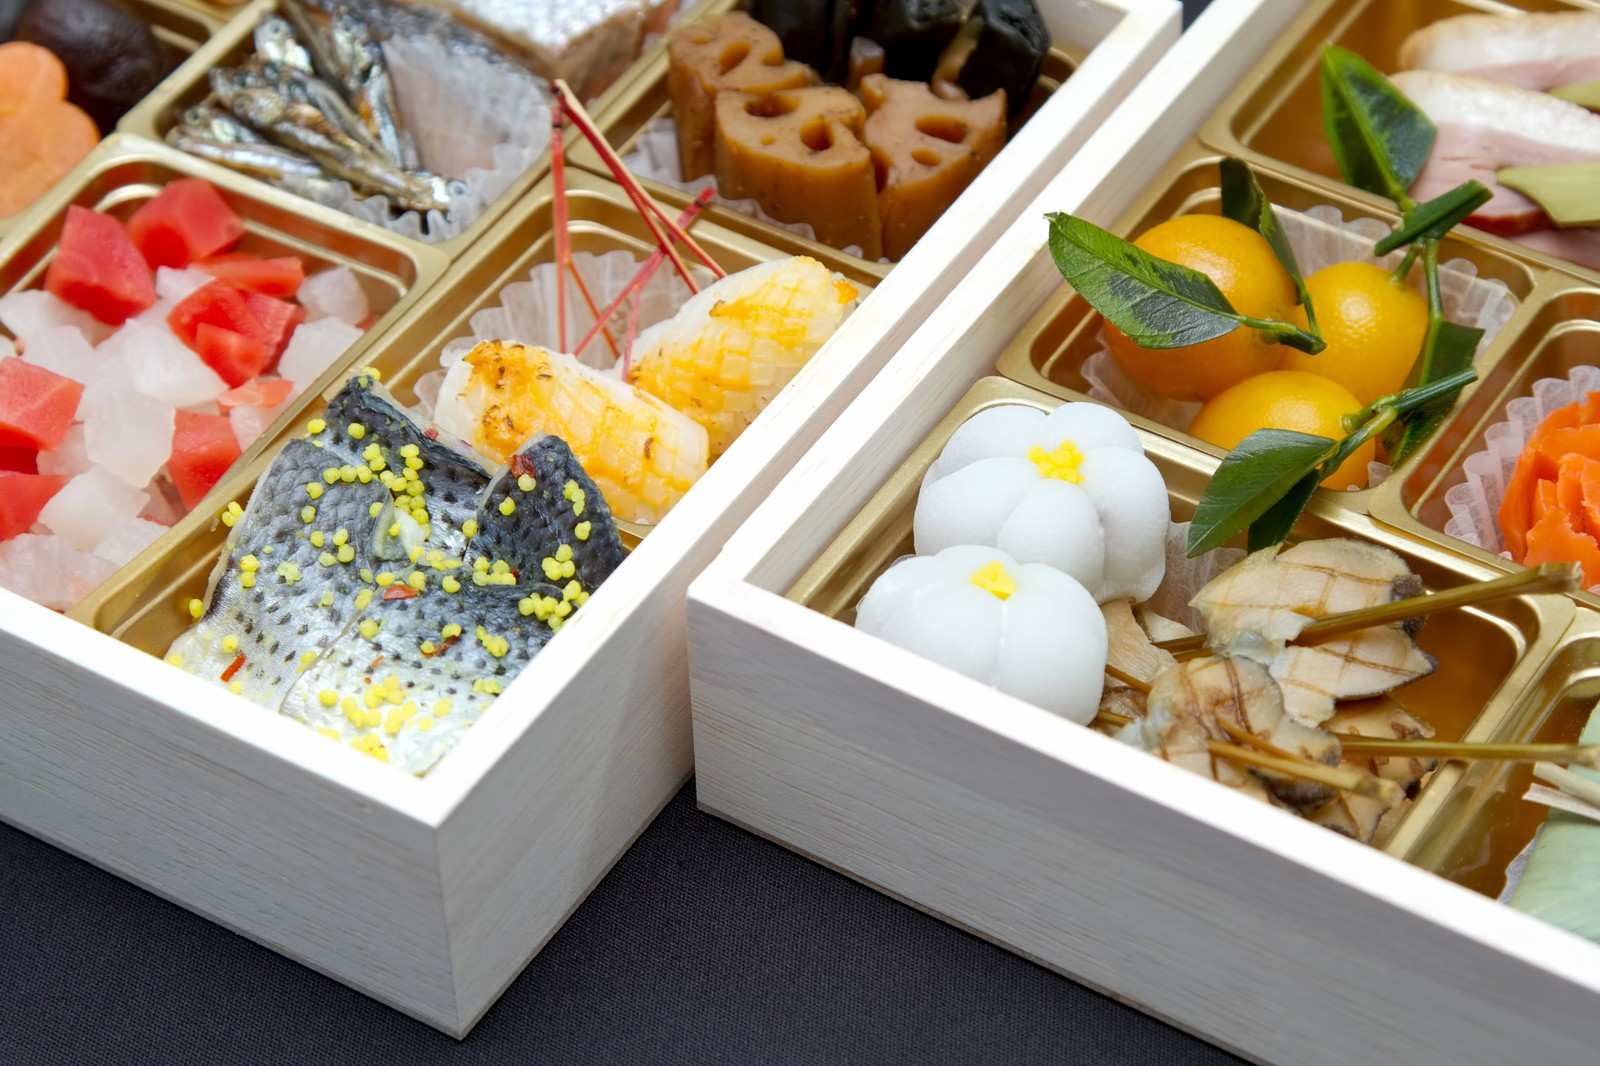 「桐の箱に入ったおせち料理」の写真